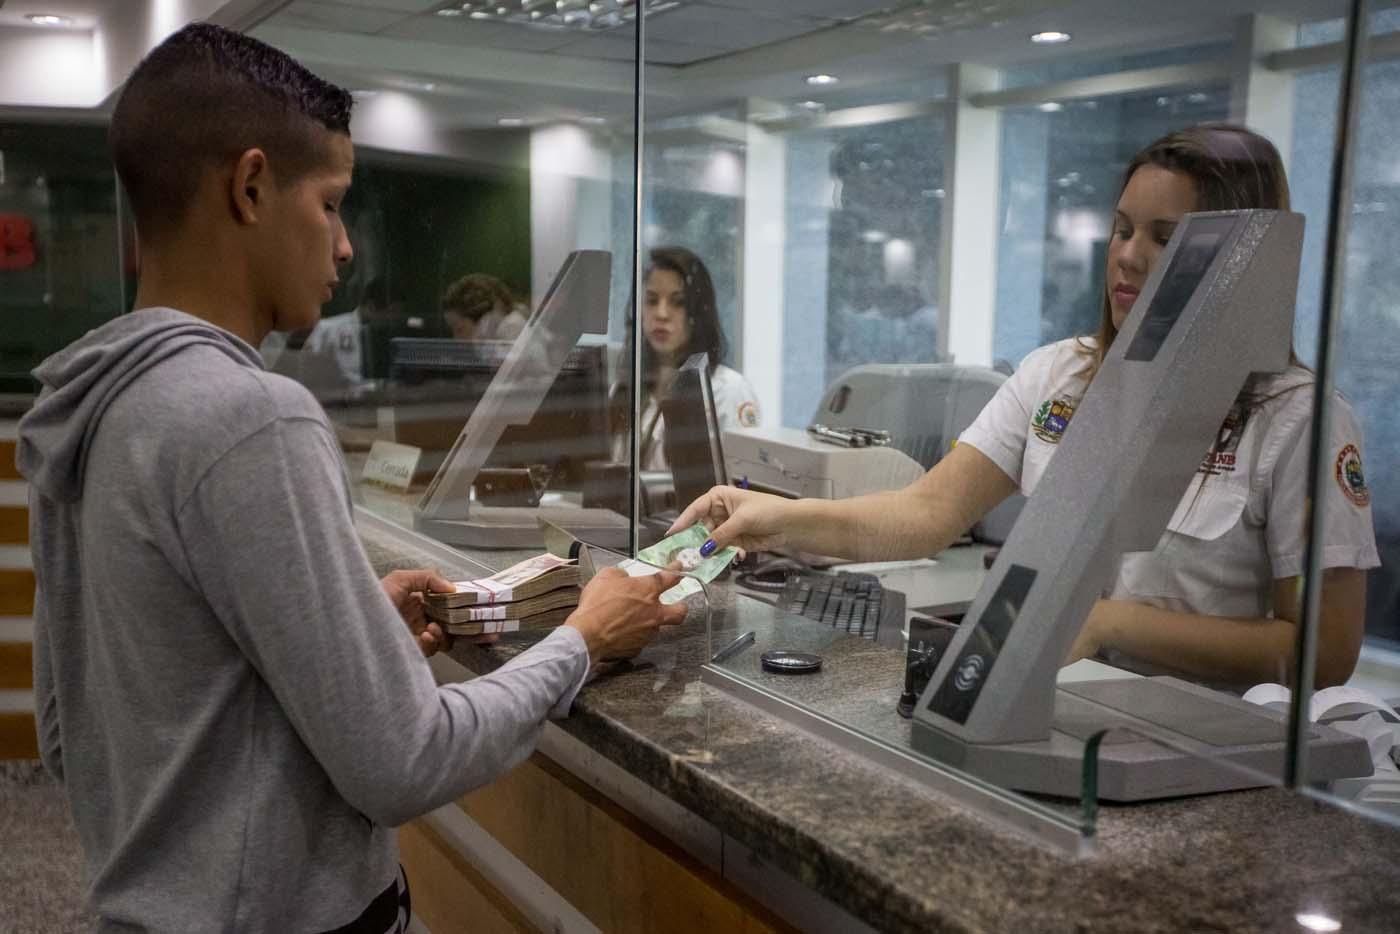 """CAR13. CARACAS (VENEZUELA), 16/01/2017.- Trabajadores de un banco manipulan billetes del nuevo cono monetario hoy 16 de enero de 2017, en Caracas (Venezuela). Los billetes de 500, 5.000 y 20.000 bolívares, tres de las seis piezas que conforman el nuevo cono monetario, comenzaron a circular hoy en Venezuela tal y como lo aseguró ayer el presidente, Nicolás Maduro, y un mes más tarde de lo previsto inicialmente debido a un """"sabotaje internacional"""". EFE/Miguel Gutiérrez"""